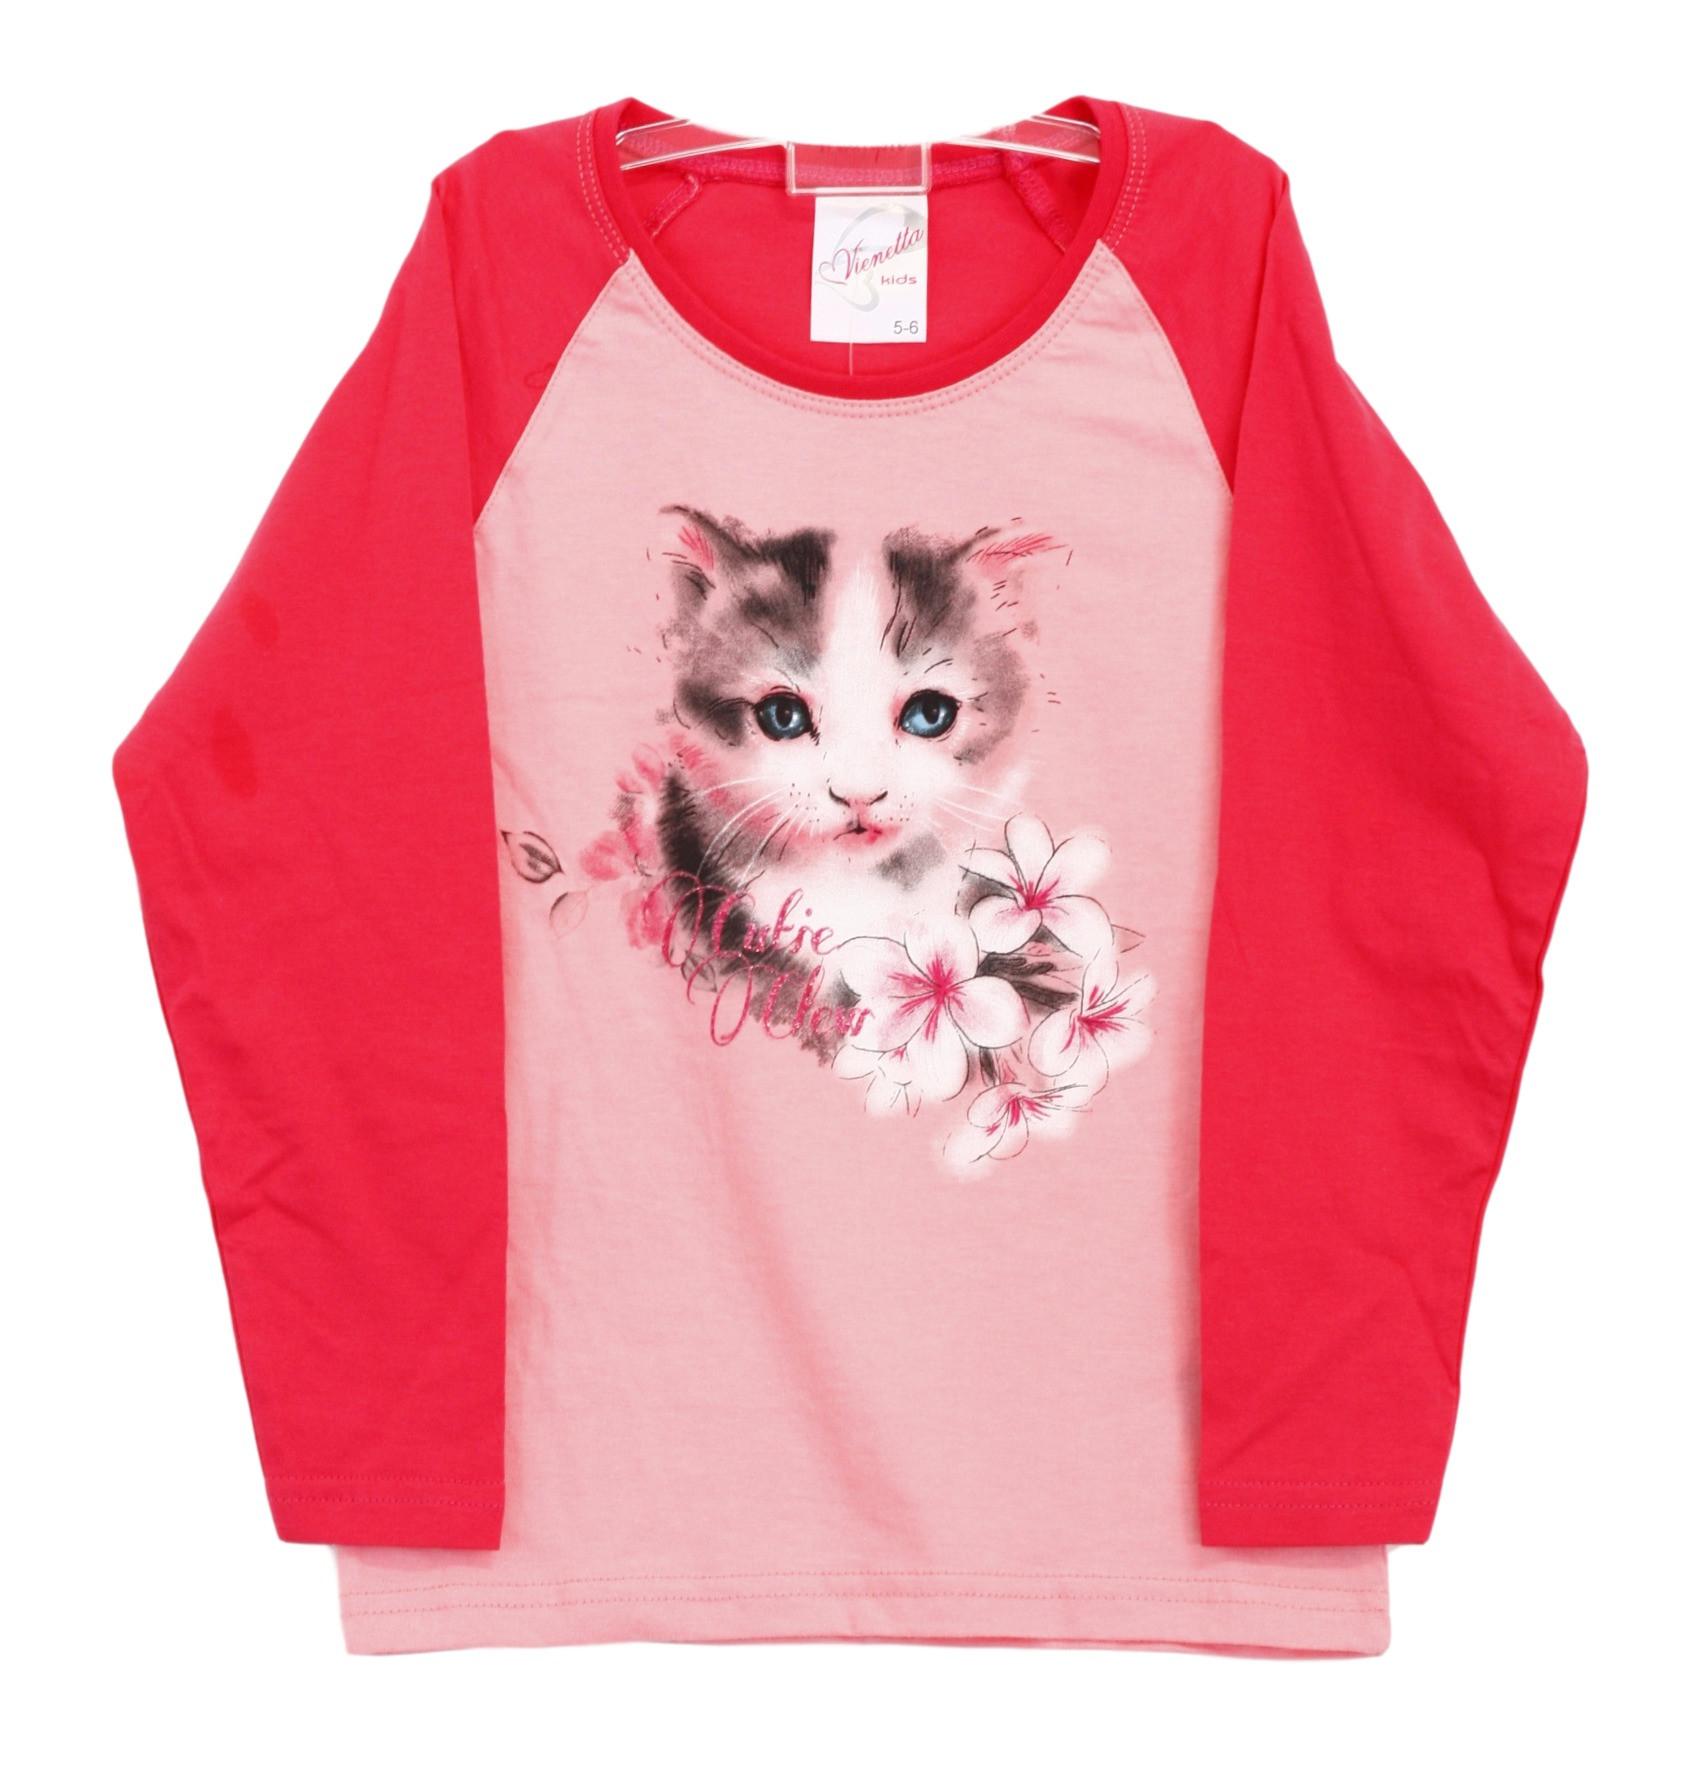 Dětské pyžamo 4574 - Vienetta Barva: růžová, Velikost: 116